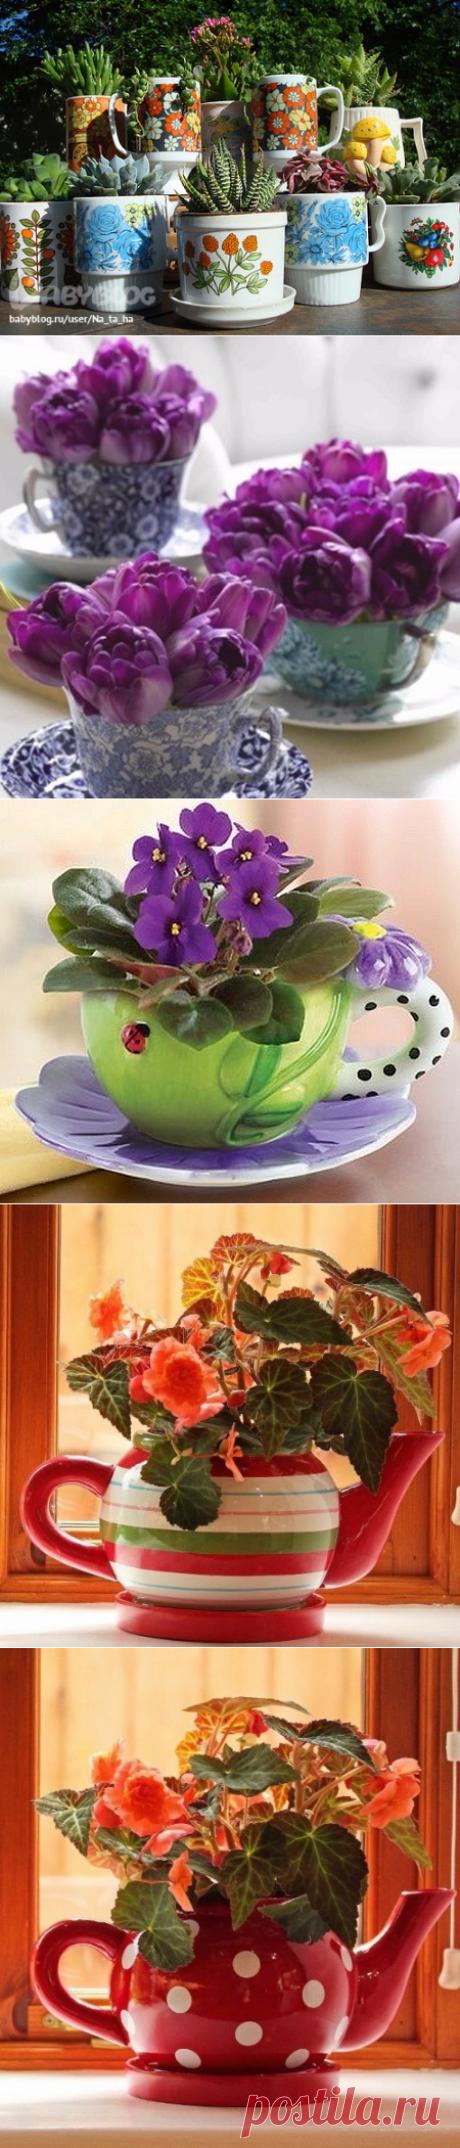 Красивые идеи для цветов на кухню.